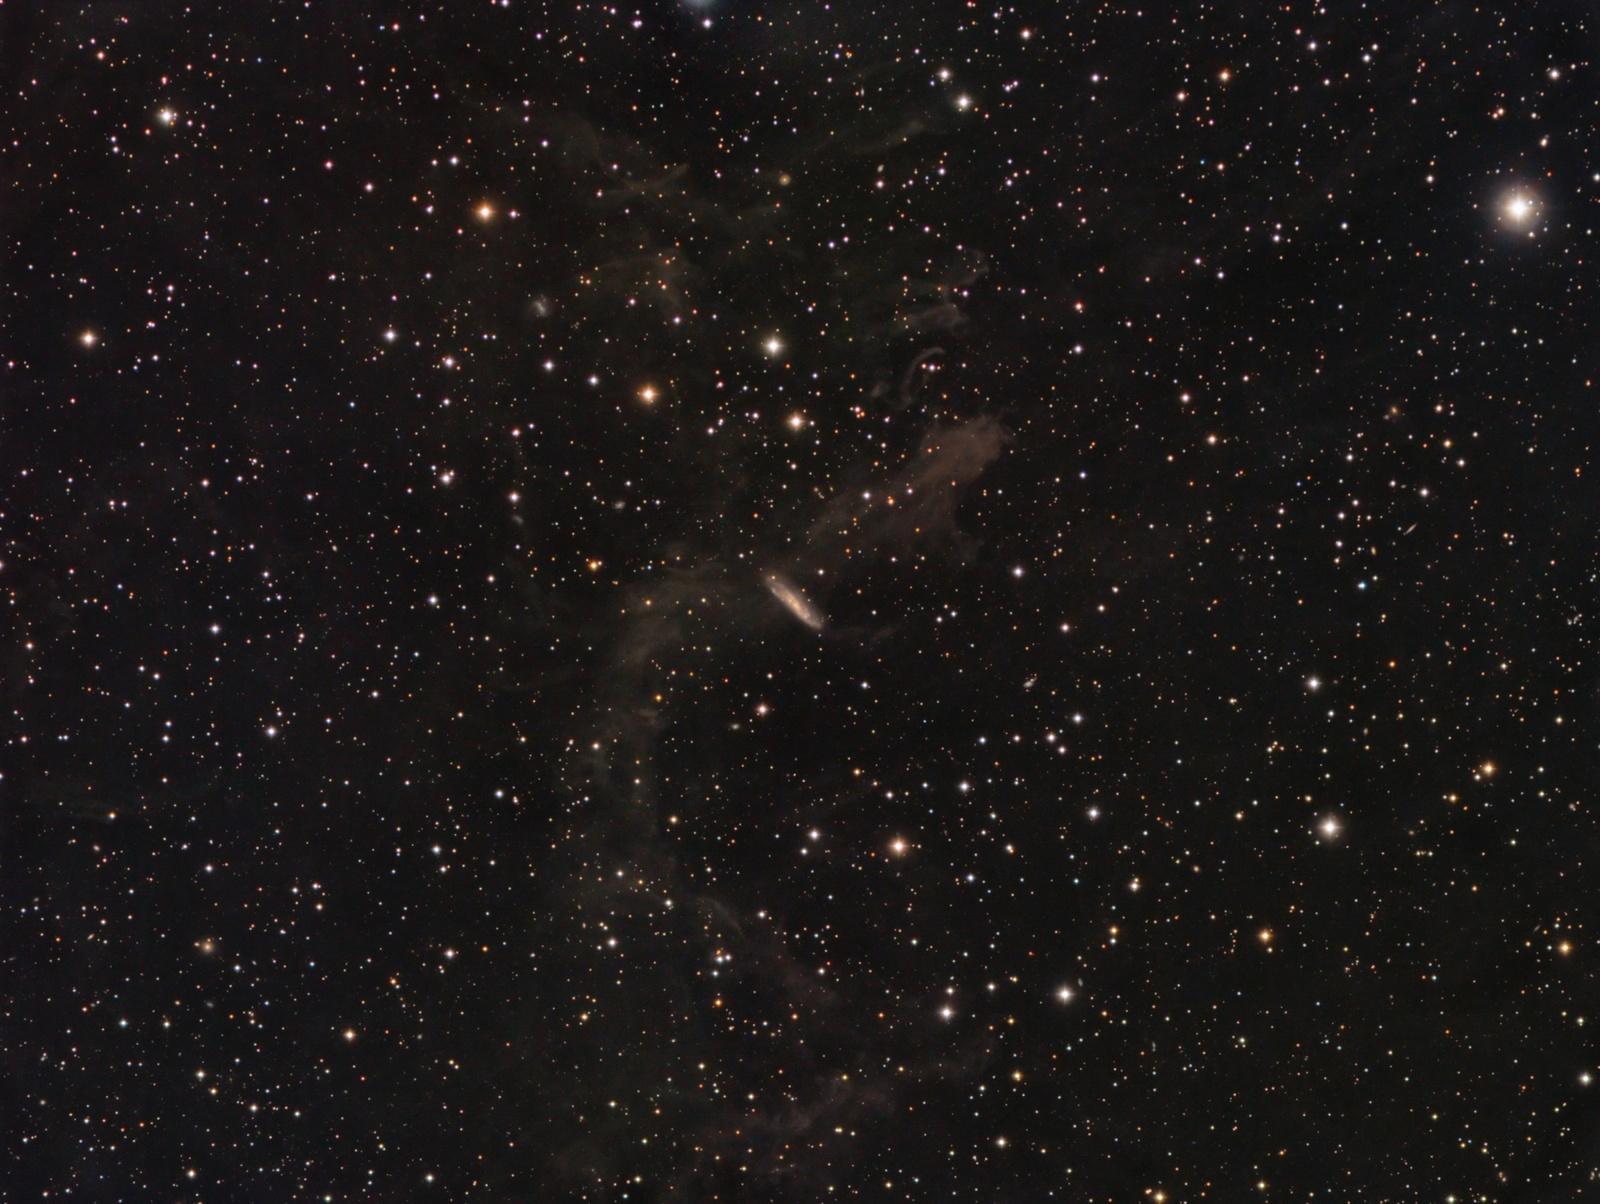 1152205814_NGC7497L24x600RGB8x600CFFTS.thumb.jpg.45b855fc2f5d0289e1ac377d7857dbee.jpg